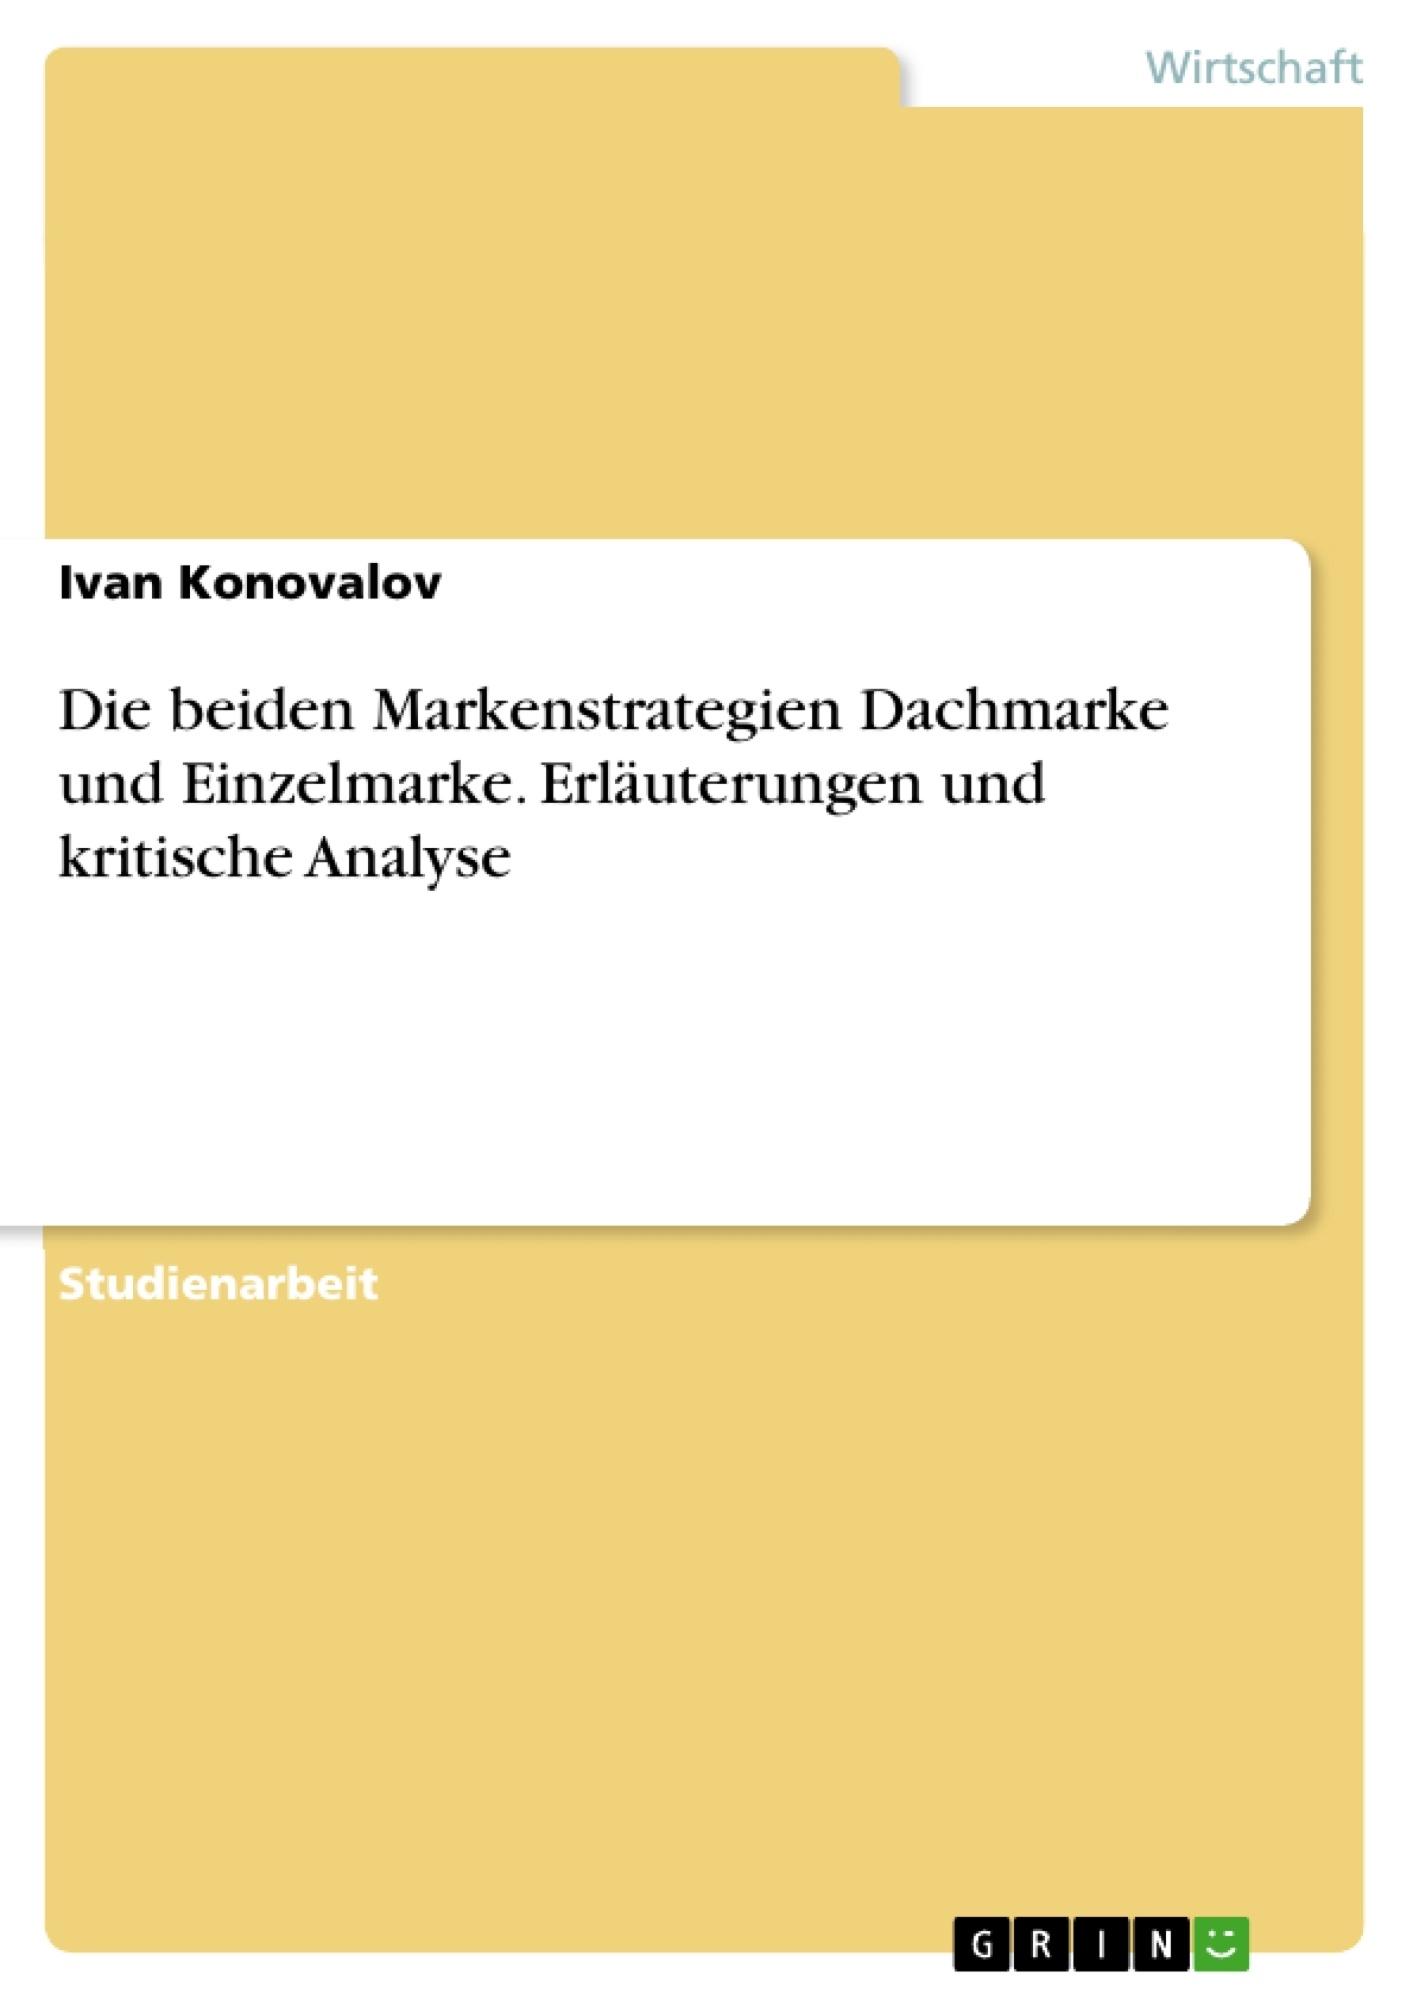 Titel: Die beiden Markenstrategien Dachmarke und Einzelmarke. Erläuterungen und kritische Analyse